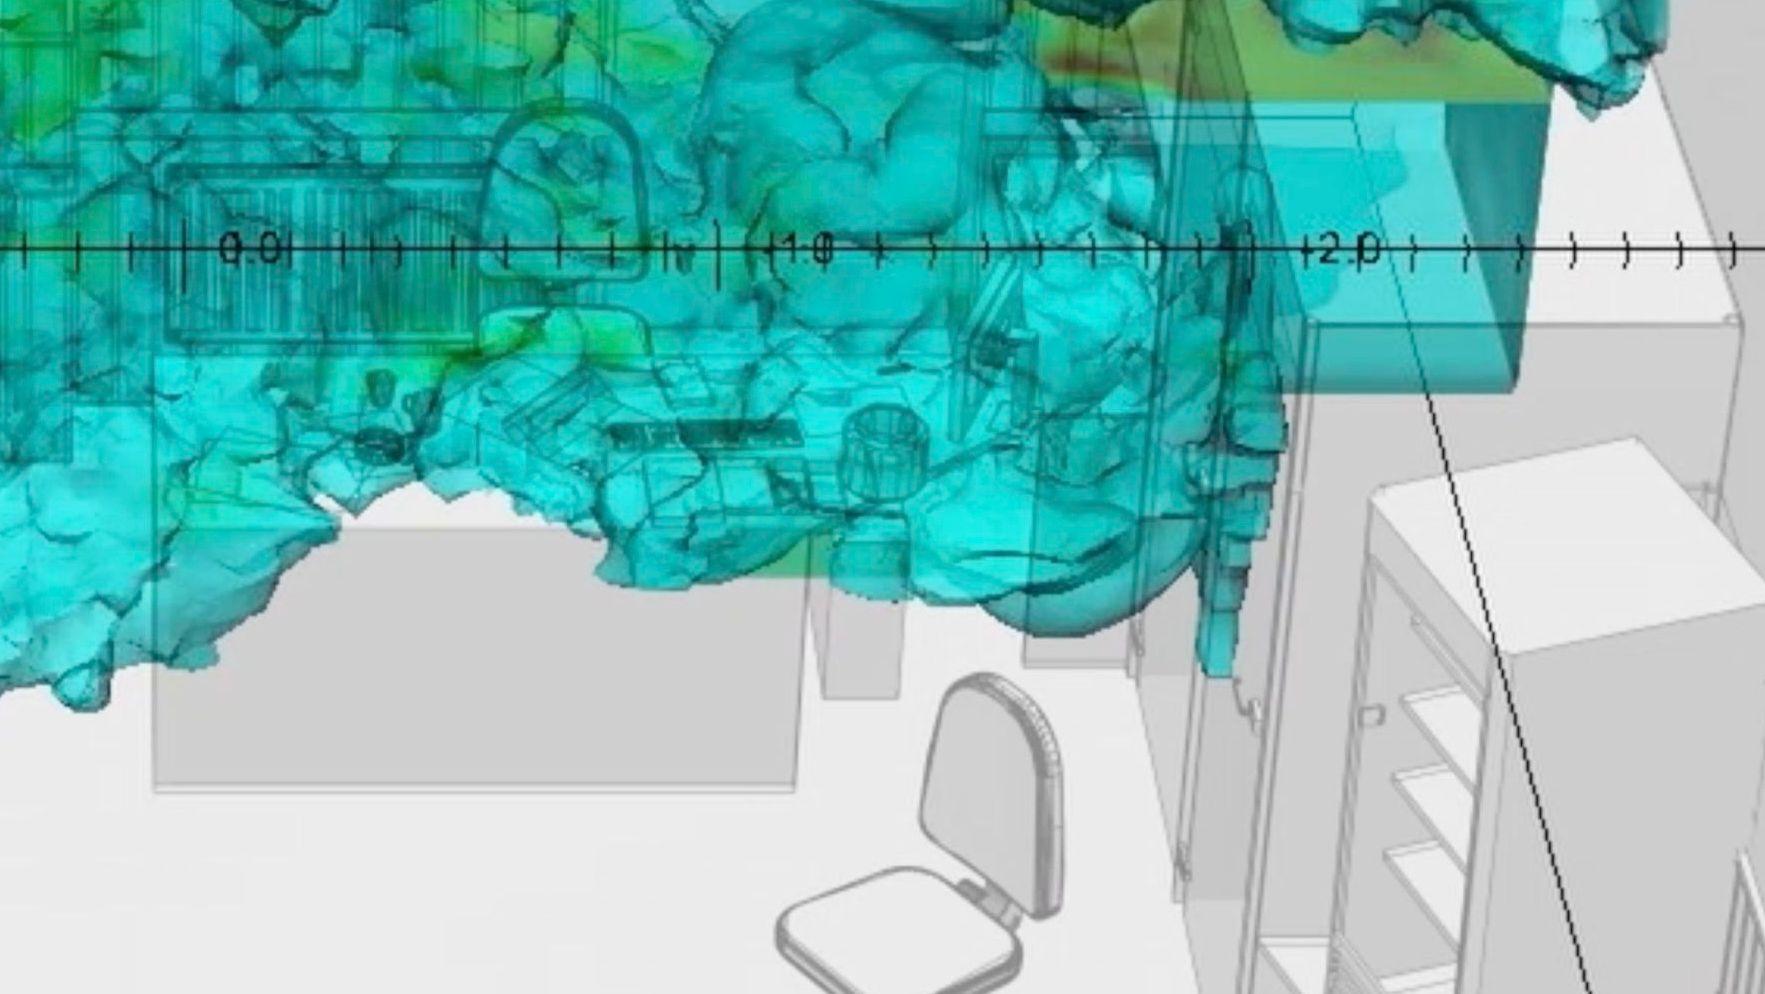 Detailansicht aus dem Video von Forensic Architecture und Dr. Salvador Navarro-Martinez